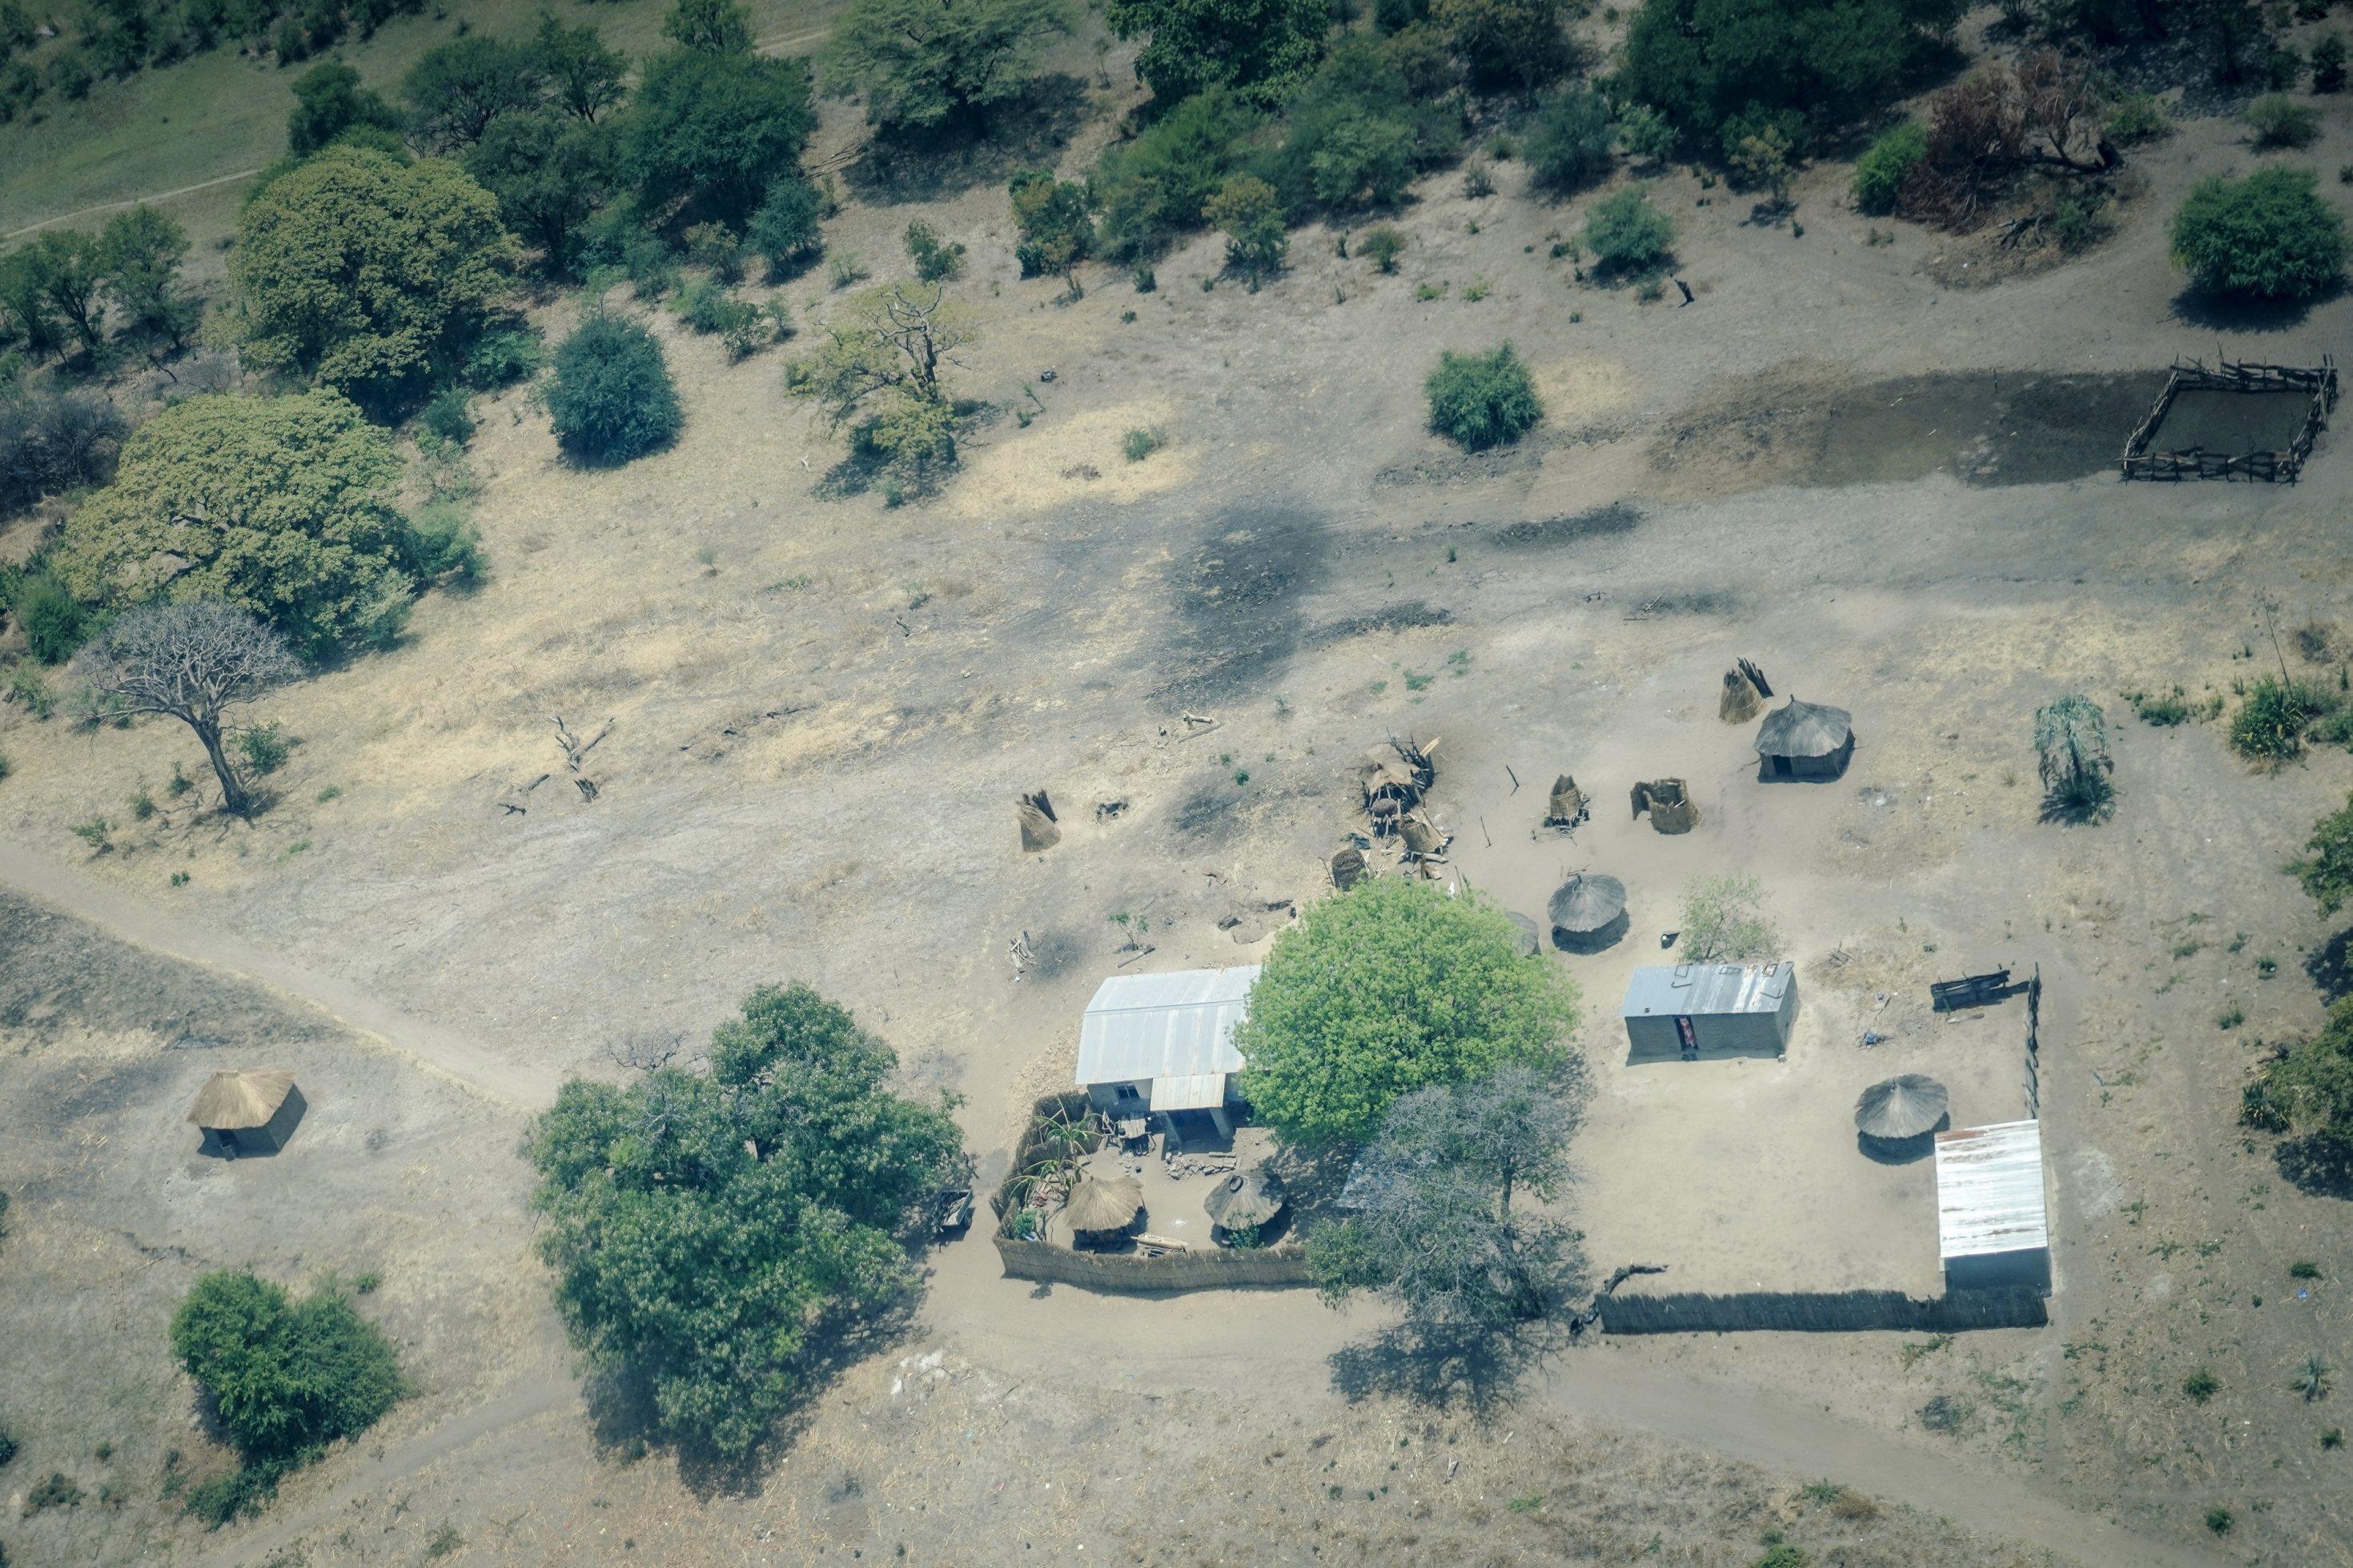 Die Aufnahme aus der Luft zeigt ein paar Gebäude und Rundhütten, einen Zaun und drumherum eine weite Ebene mit ein paar Bäumen